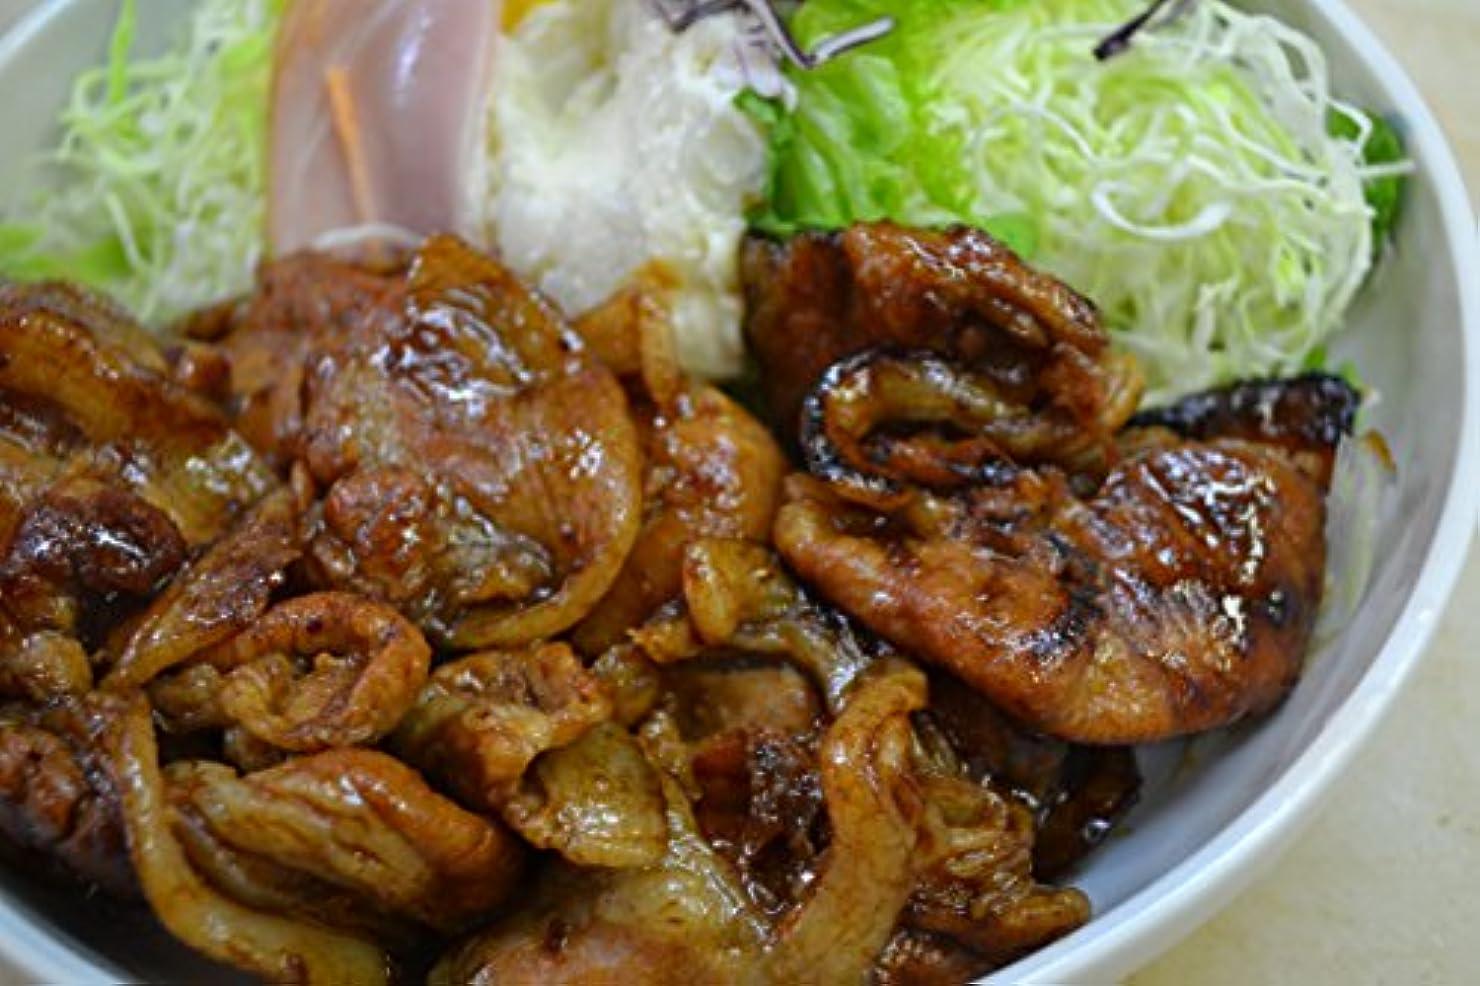 ピルファーオフセット設計図豚肉 豚ロース 生姜焼き 1kg 味付き(自家製ダレパック そのまま焼くだけ) 1000g ご飯のお供に最高 【 国産豚ロース 焼肉 簡単調理 】